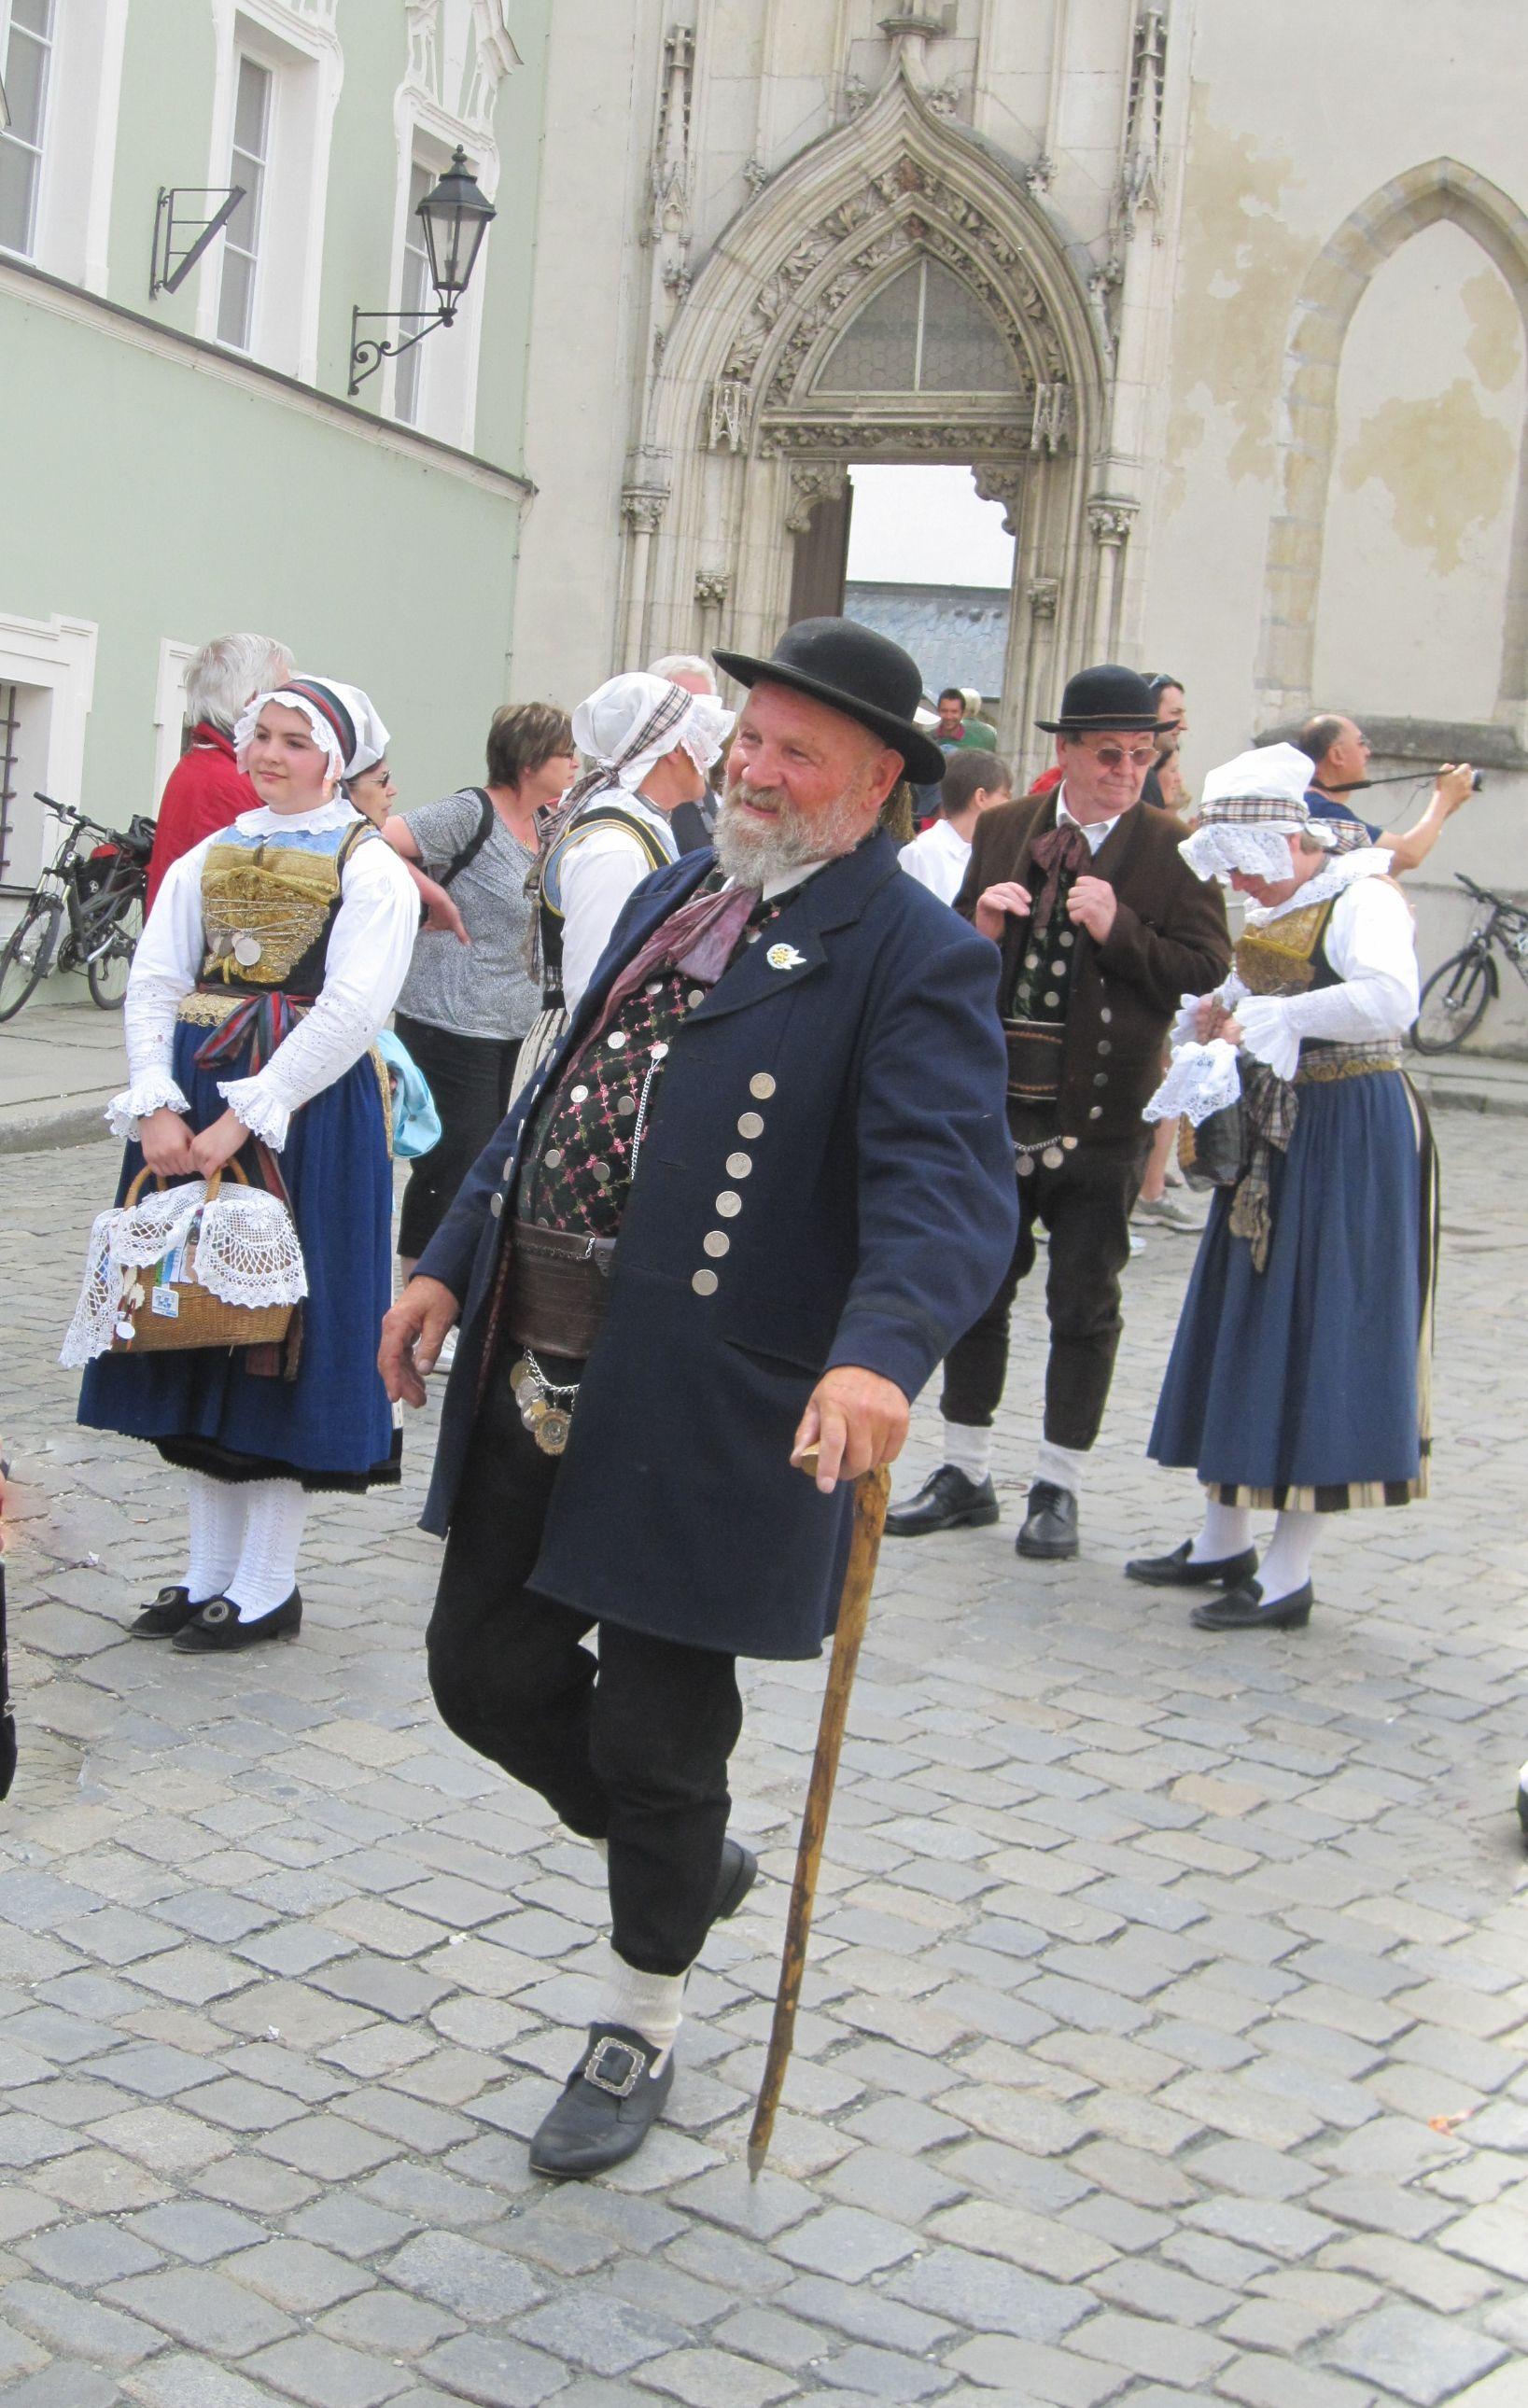 Mikäli satut matkustamaan Saksaan olutfestivaalien alla saat festivaalilipun hinnalla monta kokemusta.